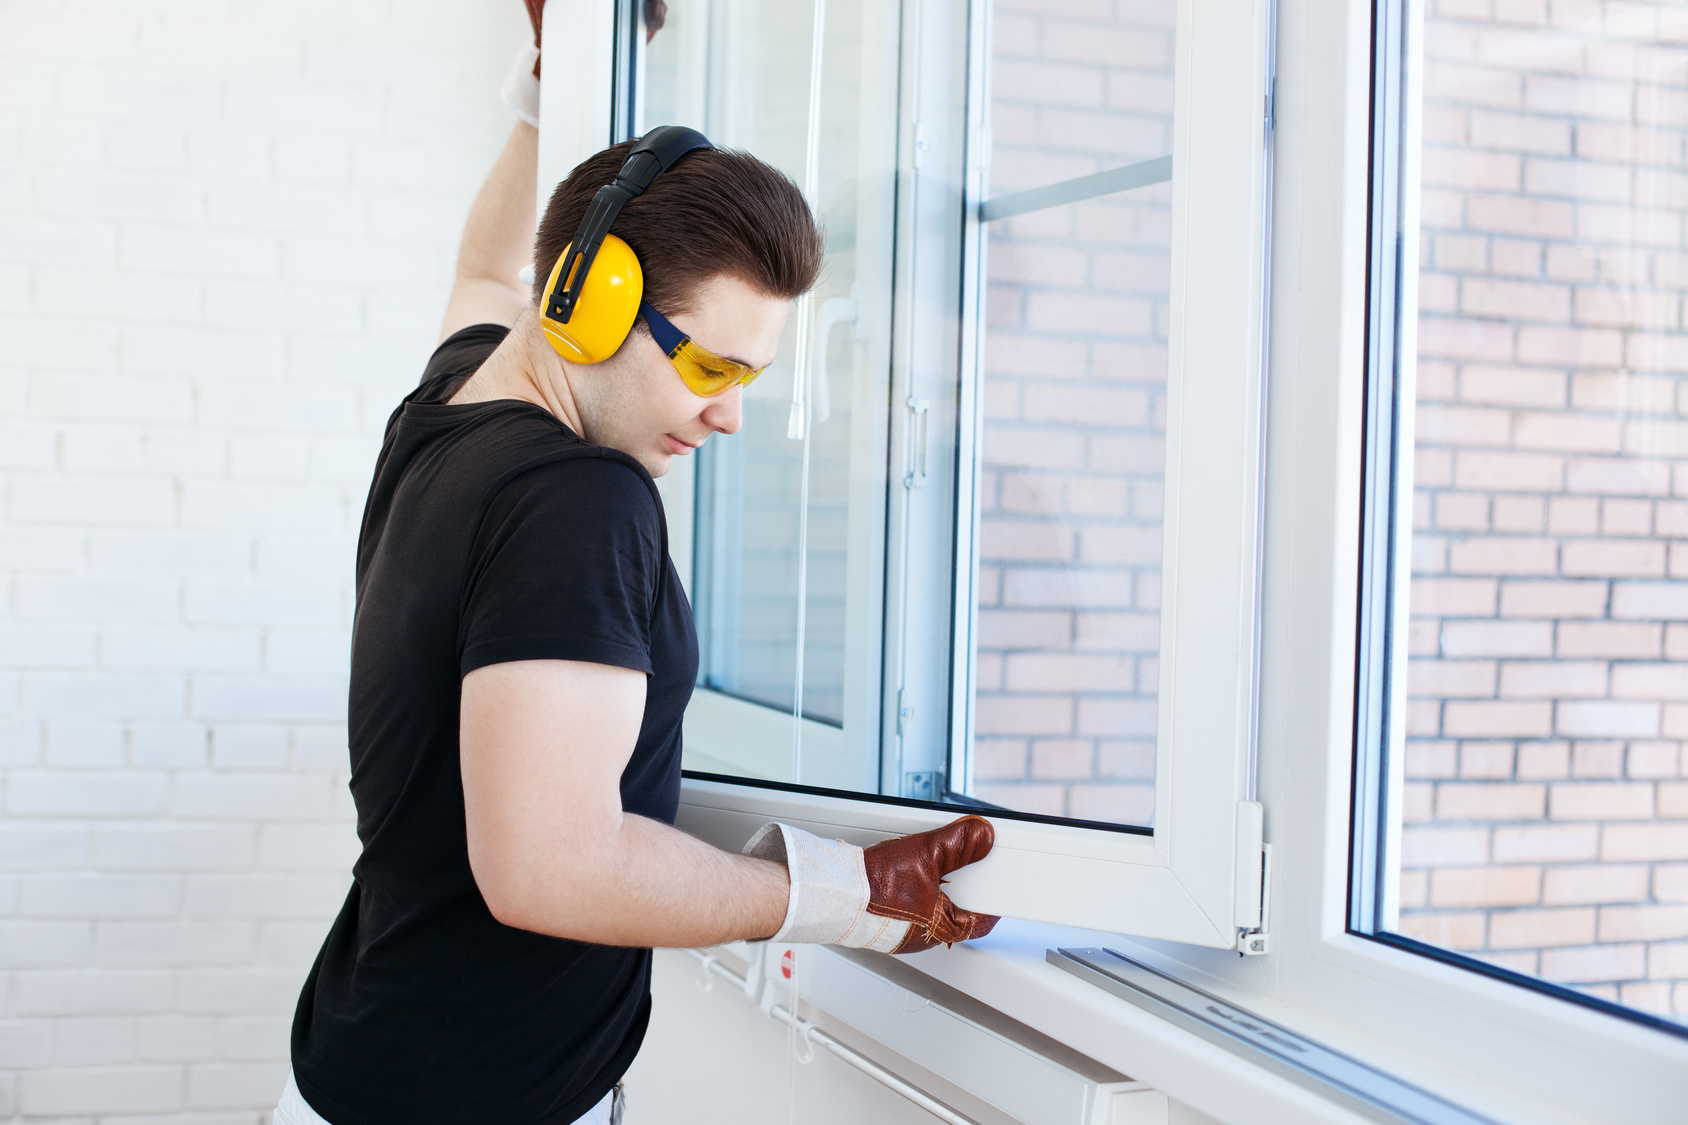 okna-ciche-okna-izolacyjnosc-akustyczna-okien-okna-dzwiekochlonne